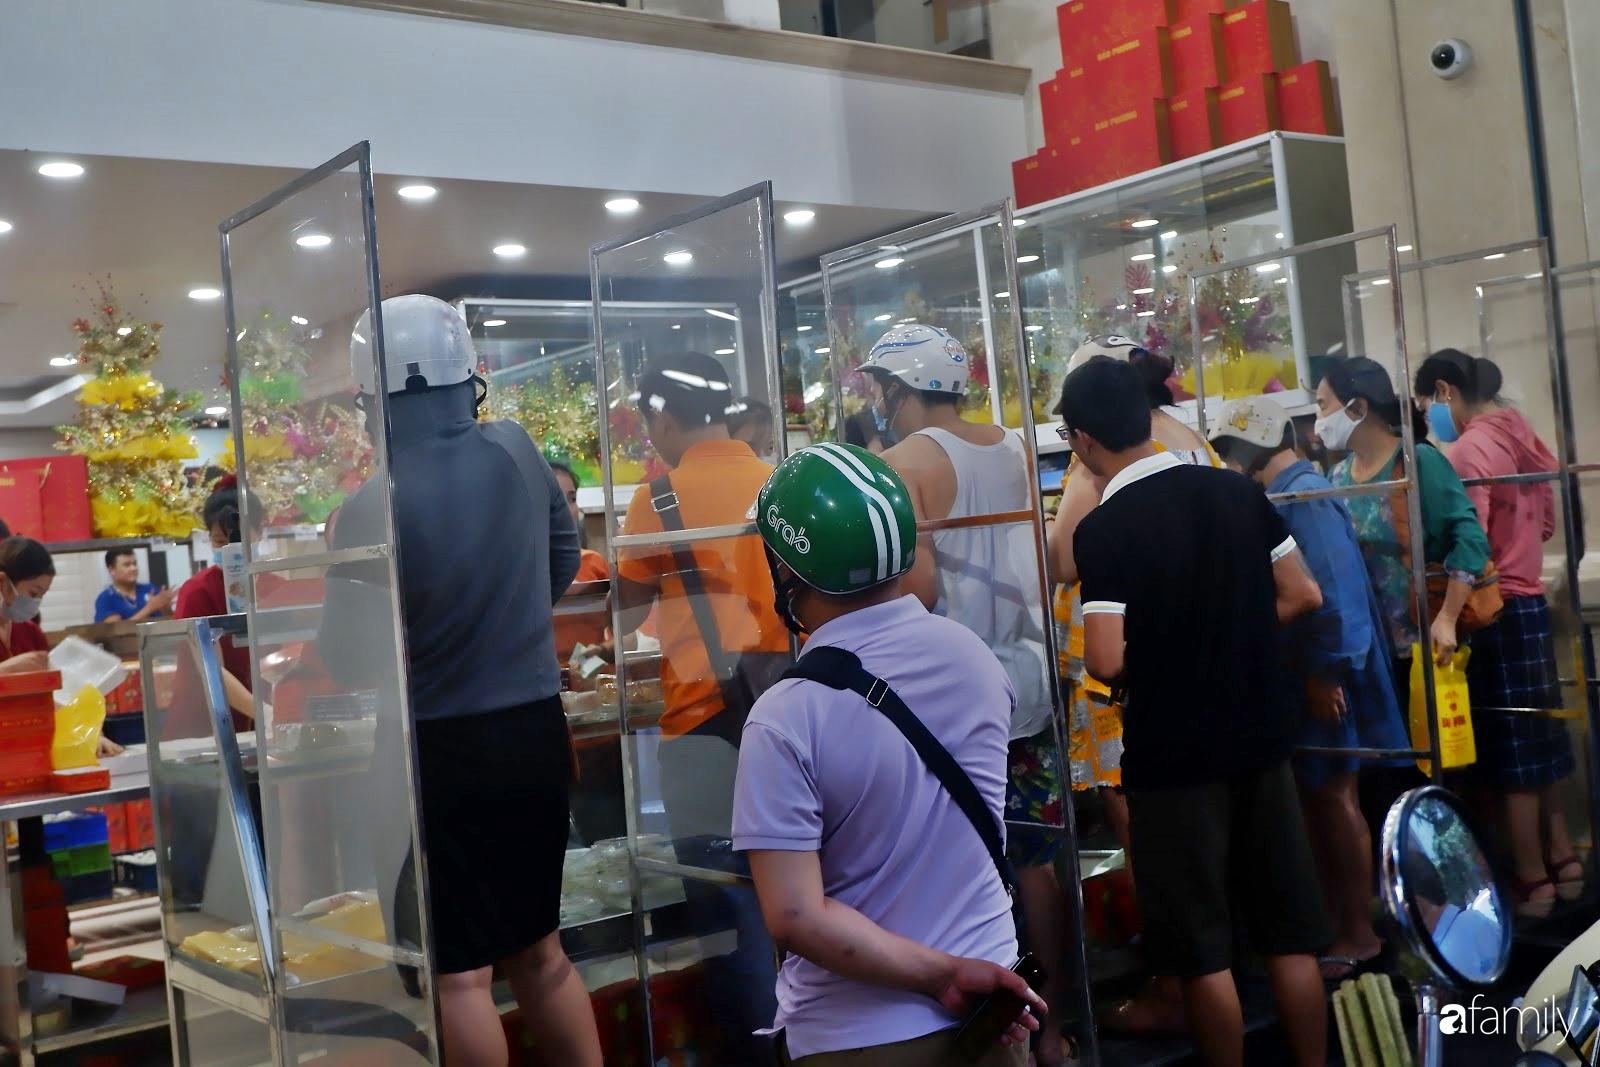 Đến hẹn lại lên, người Hà Nội xếp hàng chờ đến lượt mua tại các cửa hàng bánh Trung thu cổ truyền - Ảnh 8.